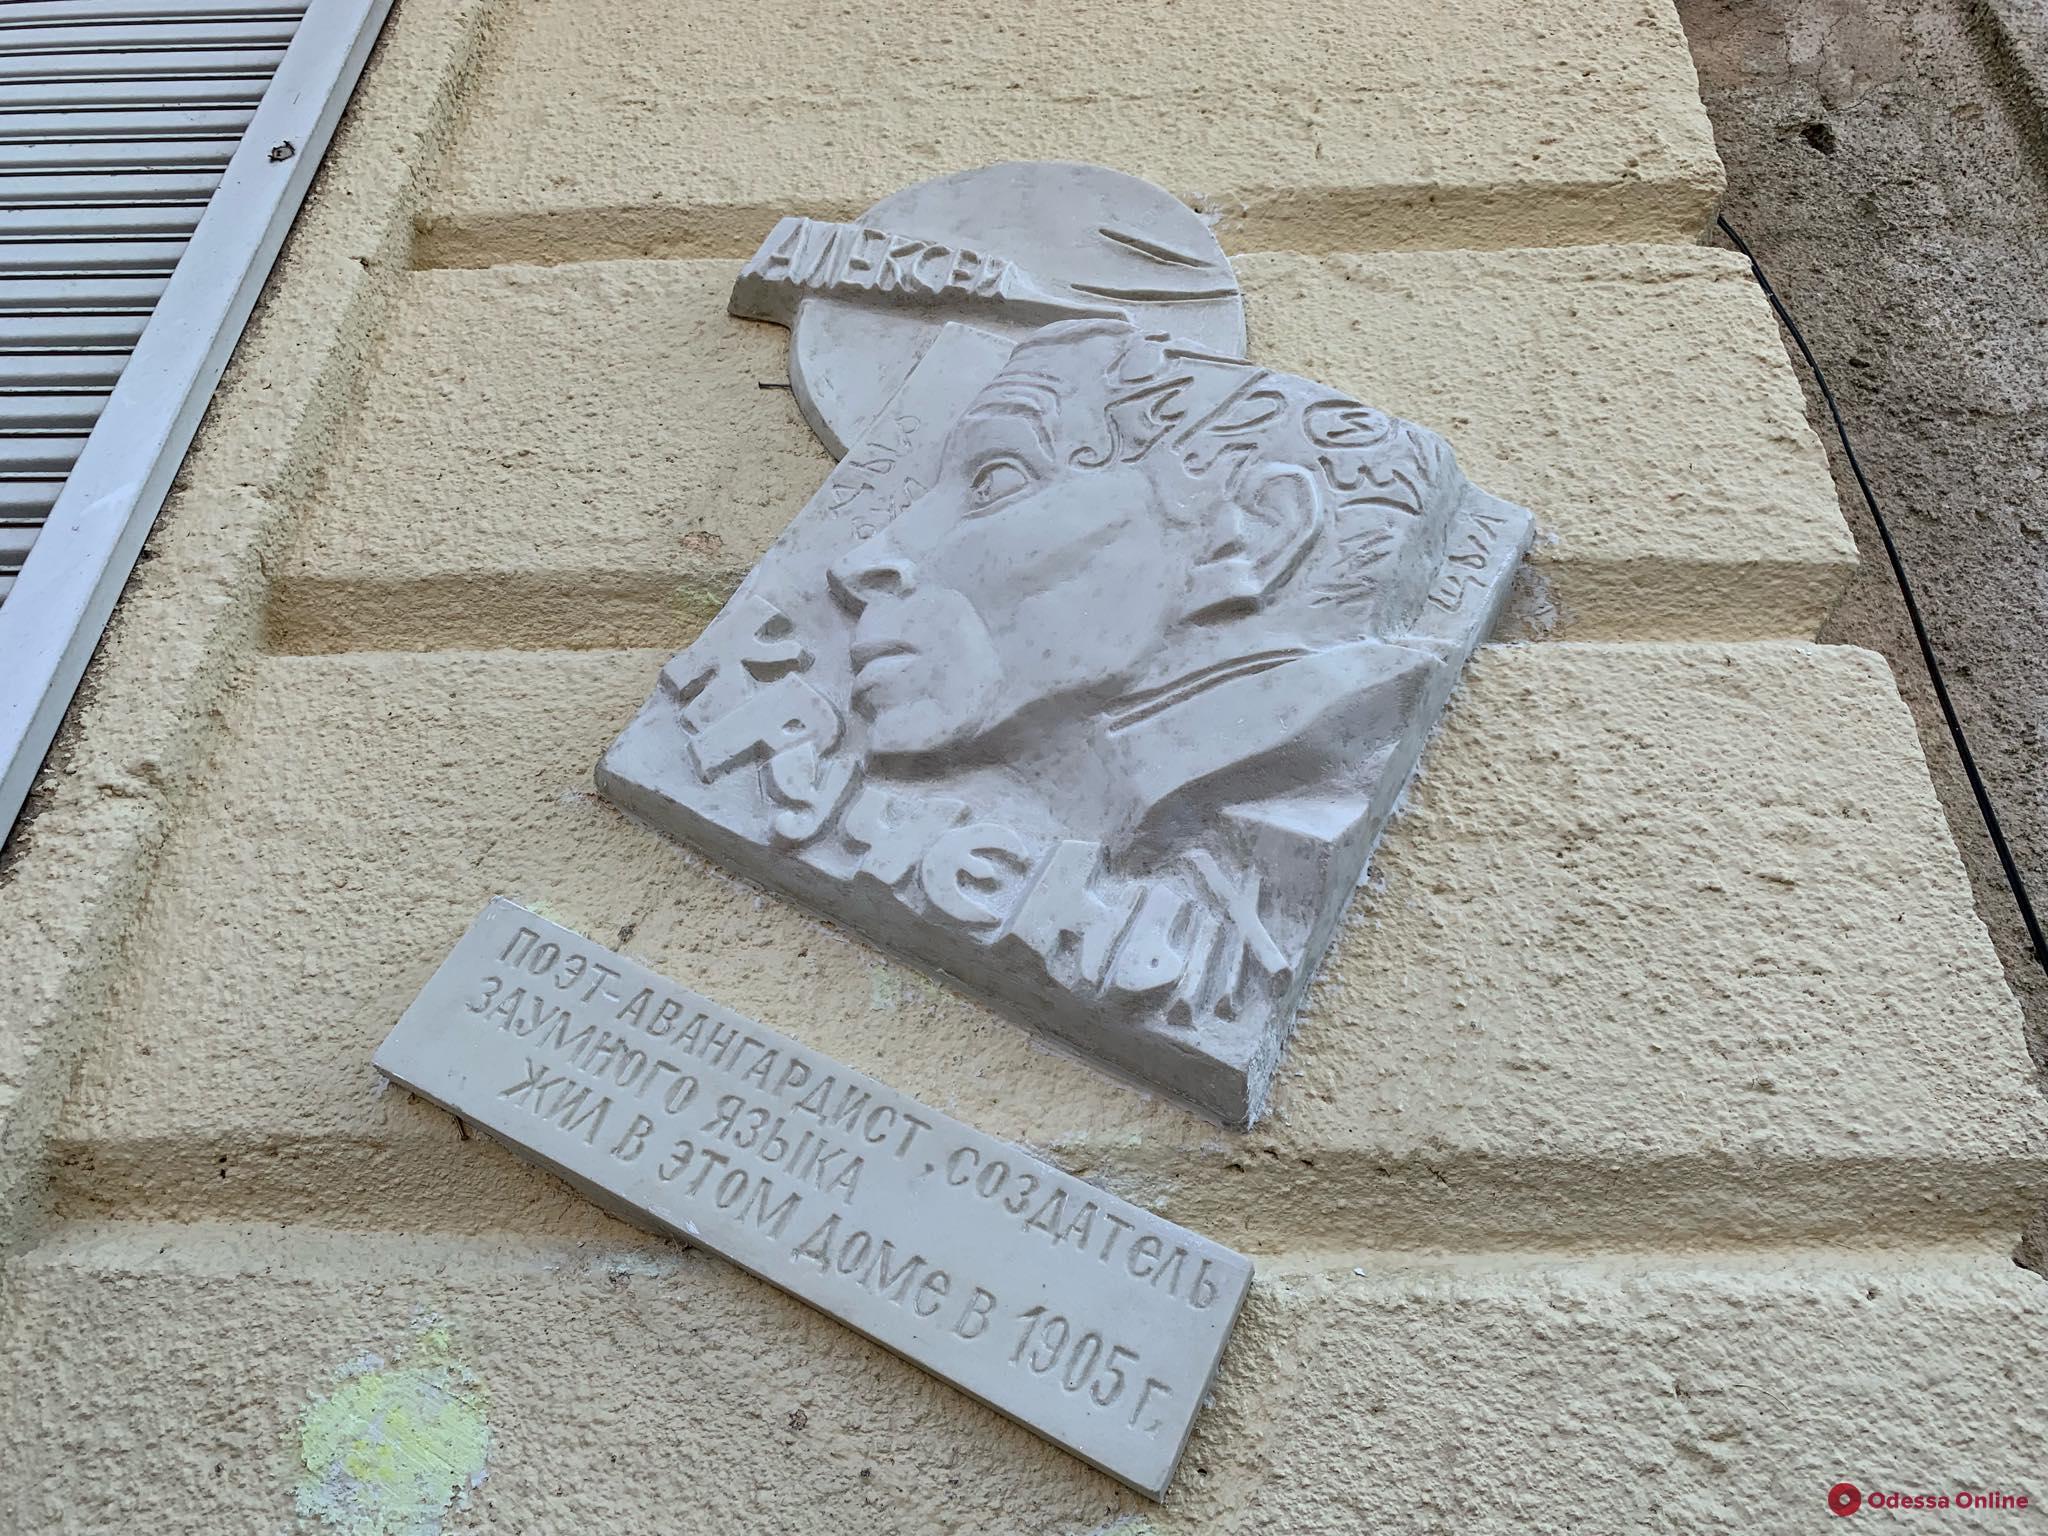 В Одессе открыли мемориальную доску поэту-авангардисту Алексею Крученых